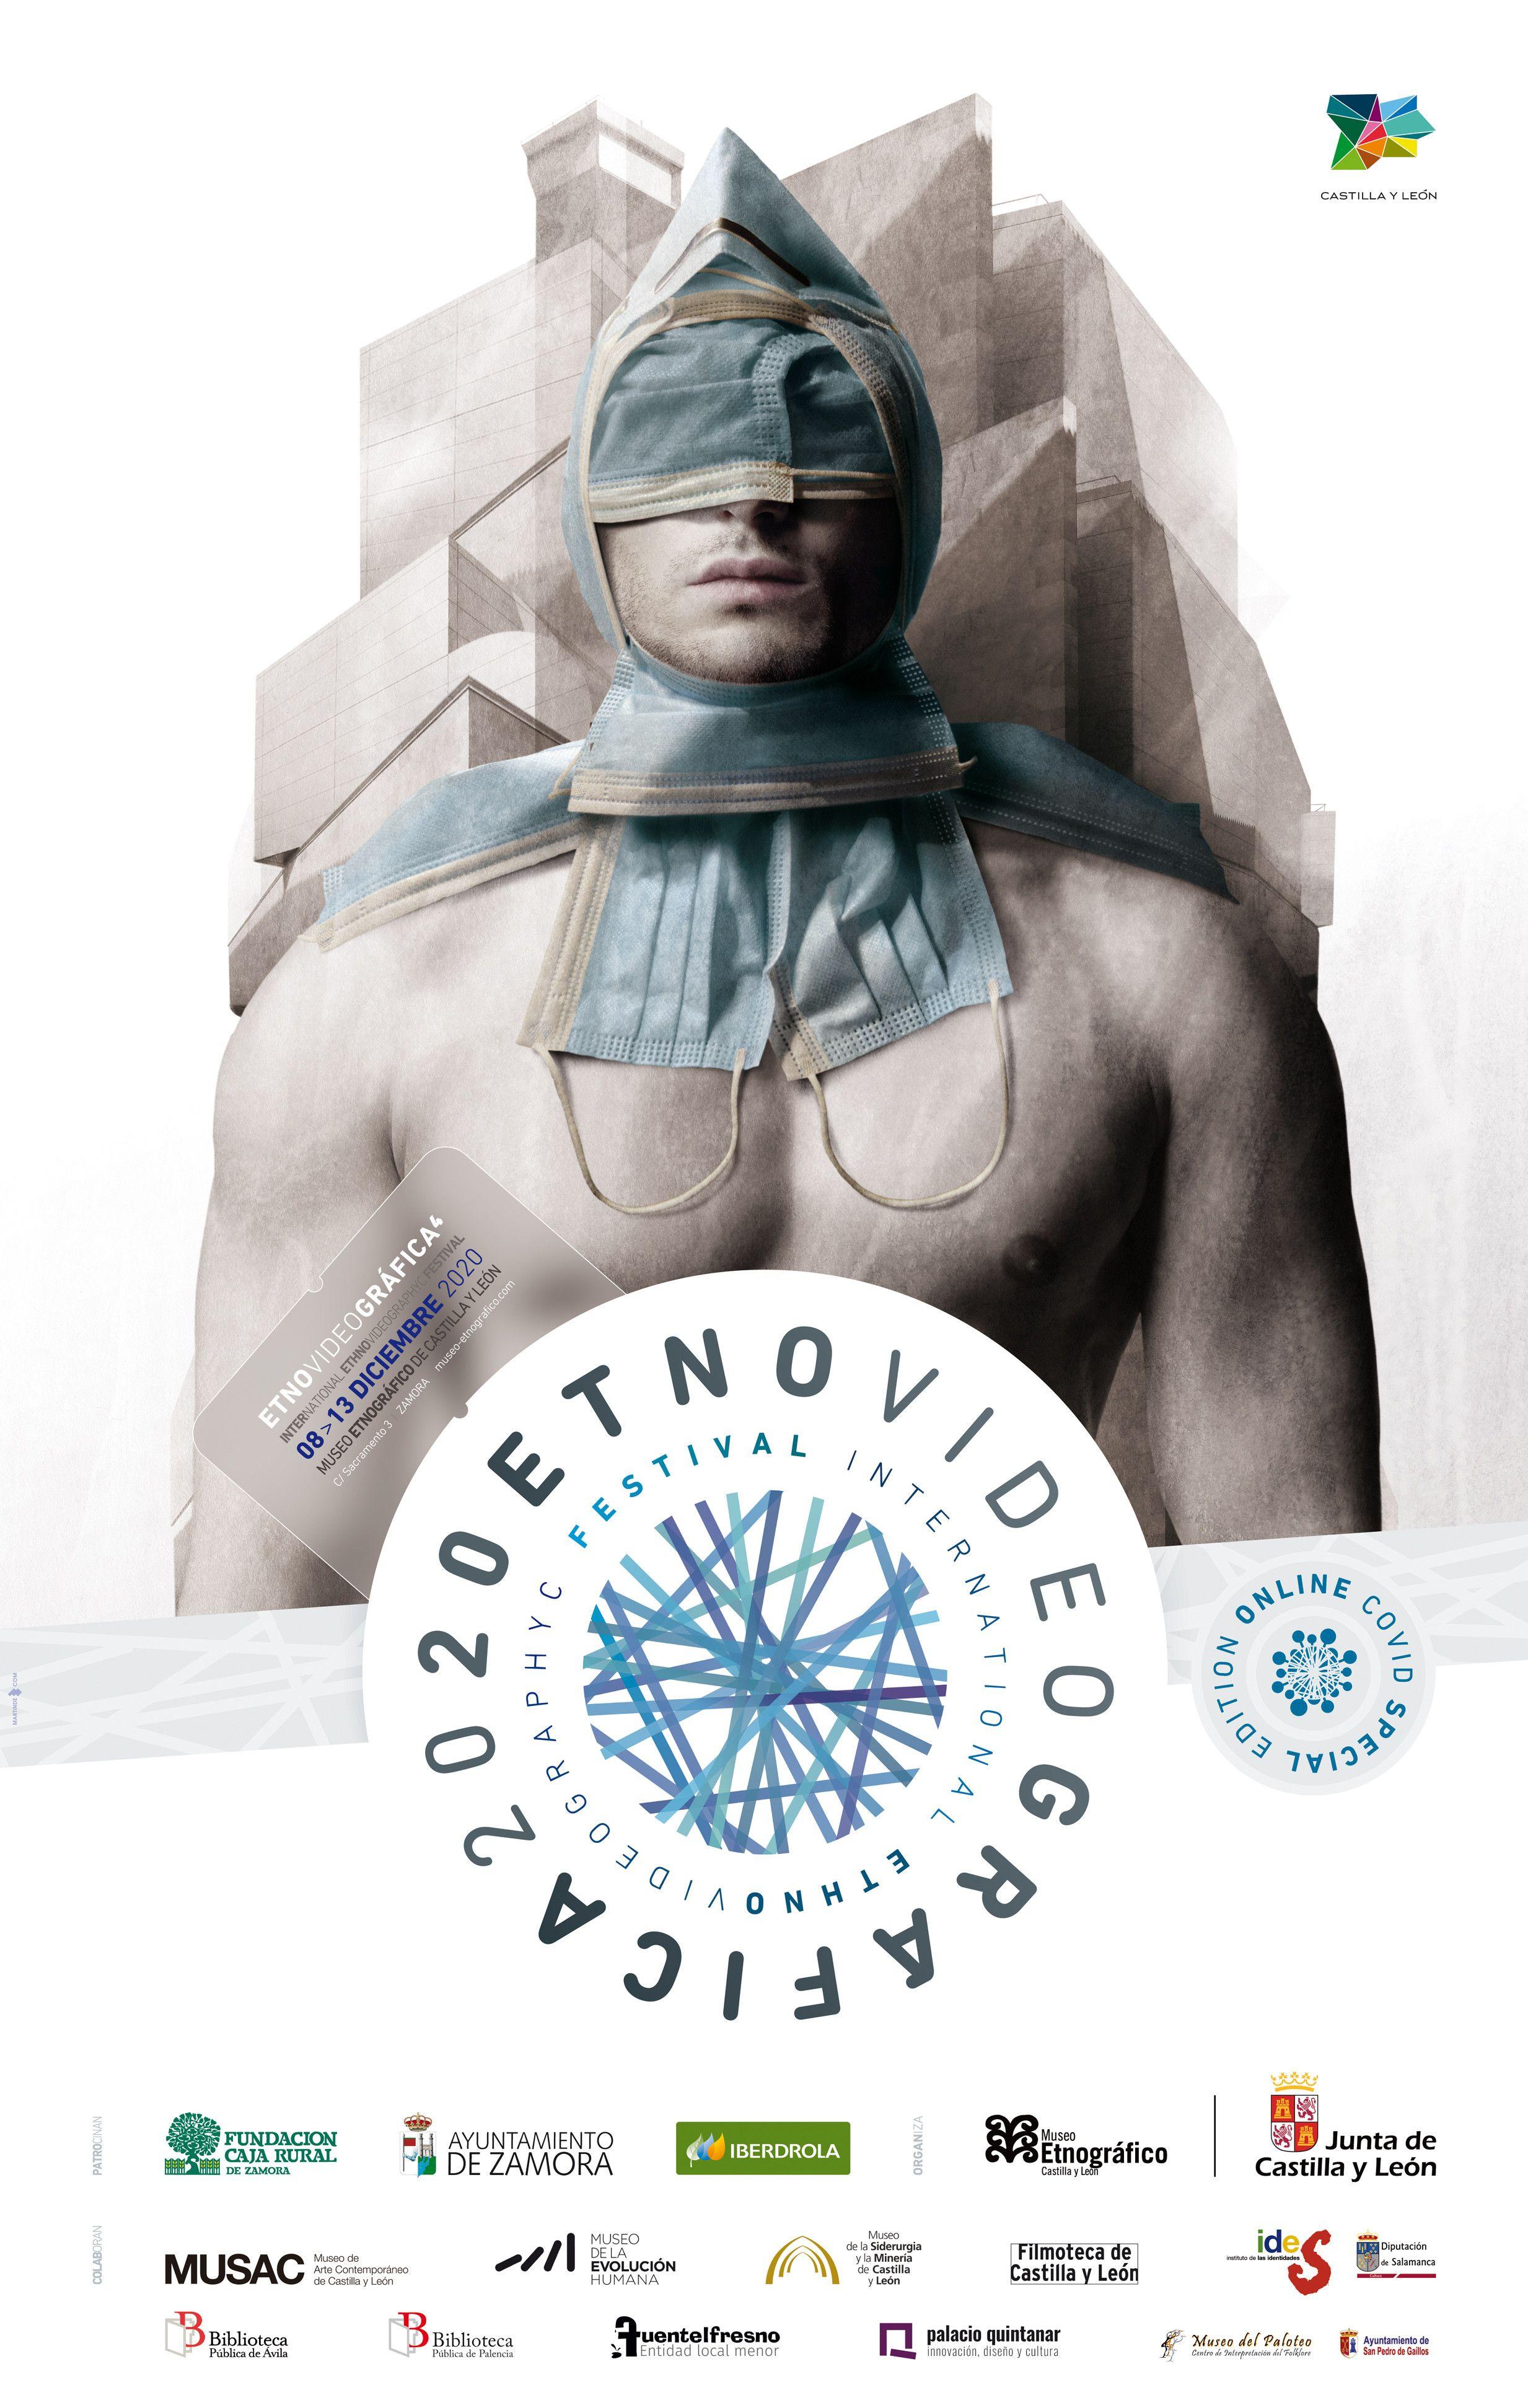 Cartel ETNOVIDEOGRu00c1FICA 2020 (todos los logos)